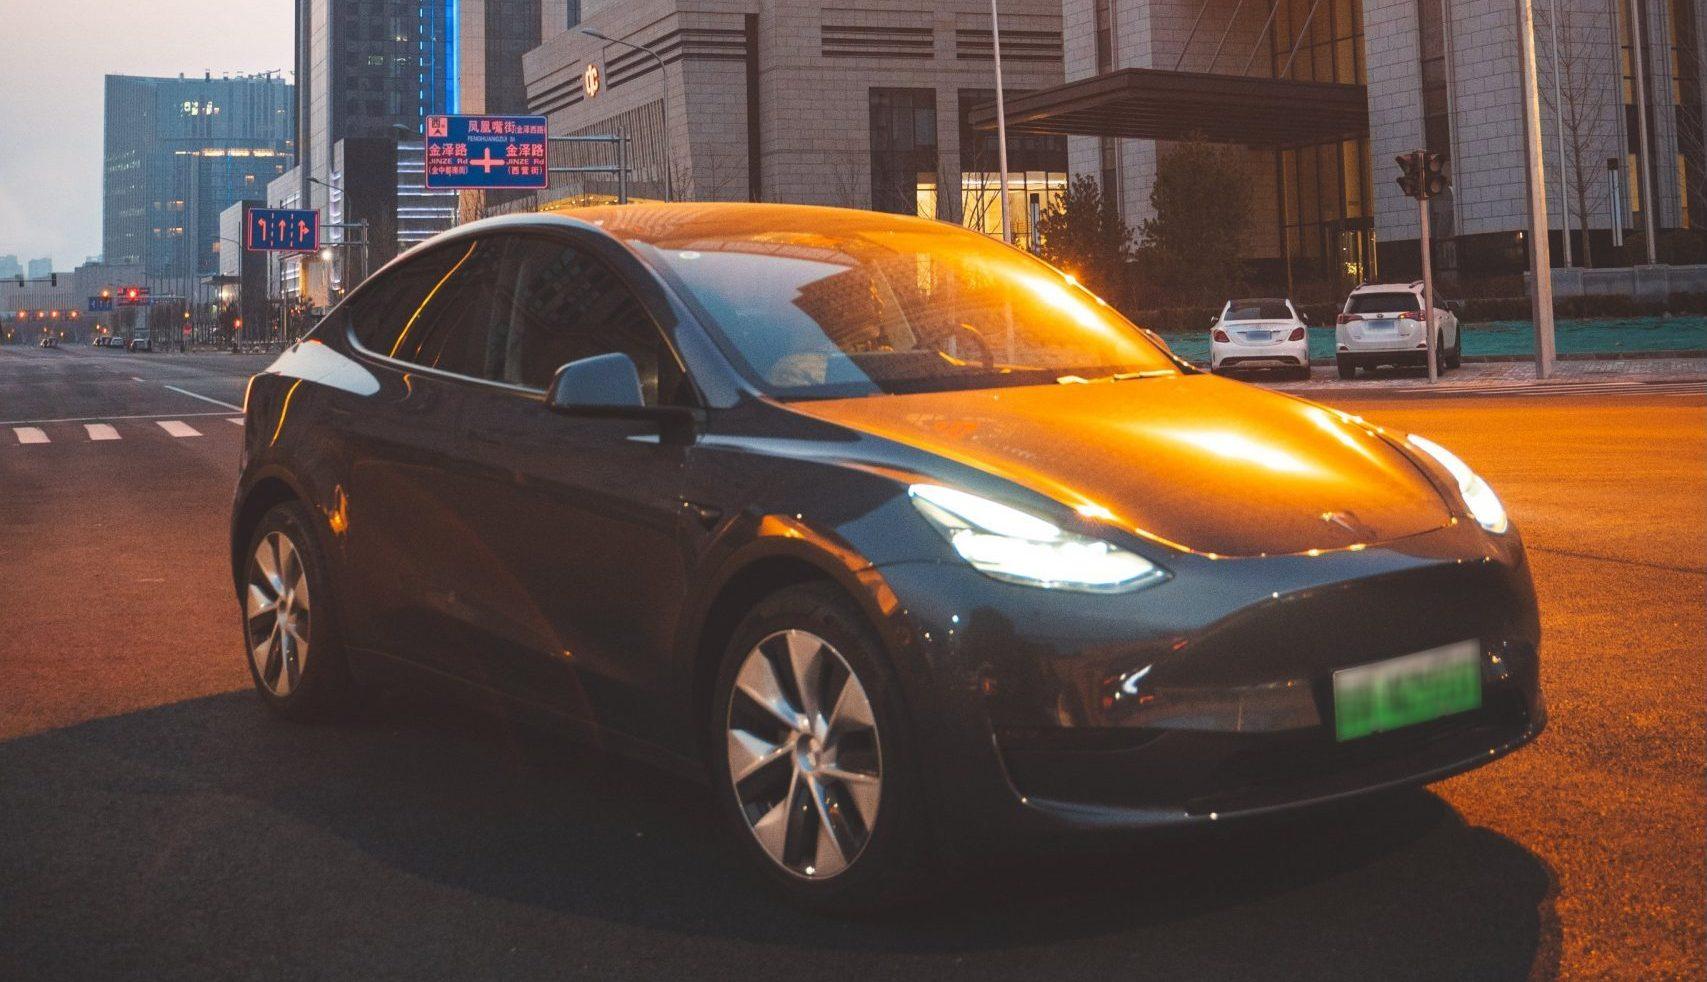 СМИ приносят извинения Tesla за сообщения о «отказе тормозов» без каких-либо доказательств